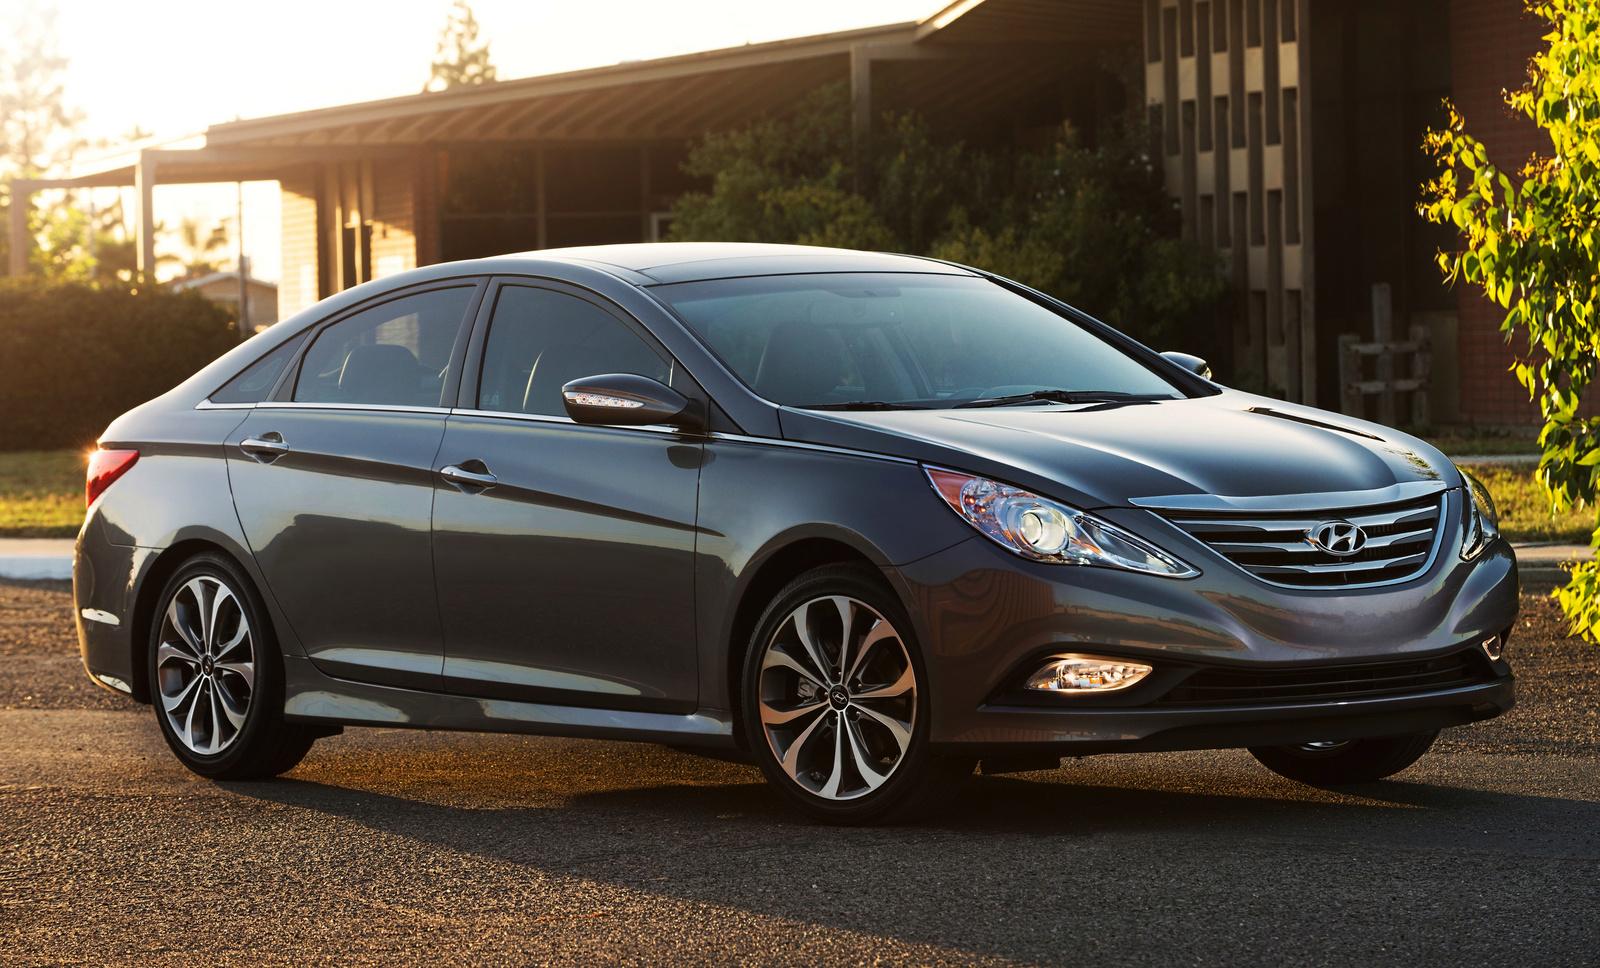 Hyundai Sonata 2014 Dise 241 O Rendimiento Y Confort